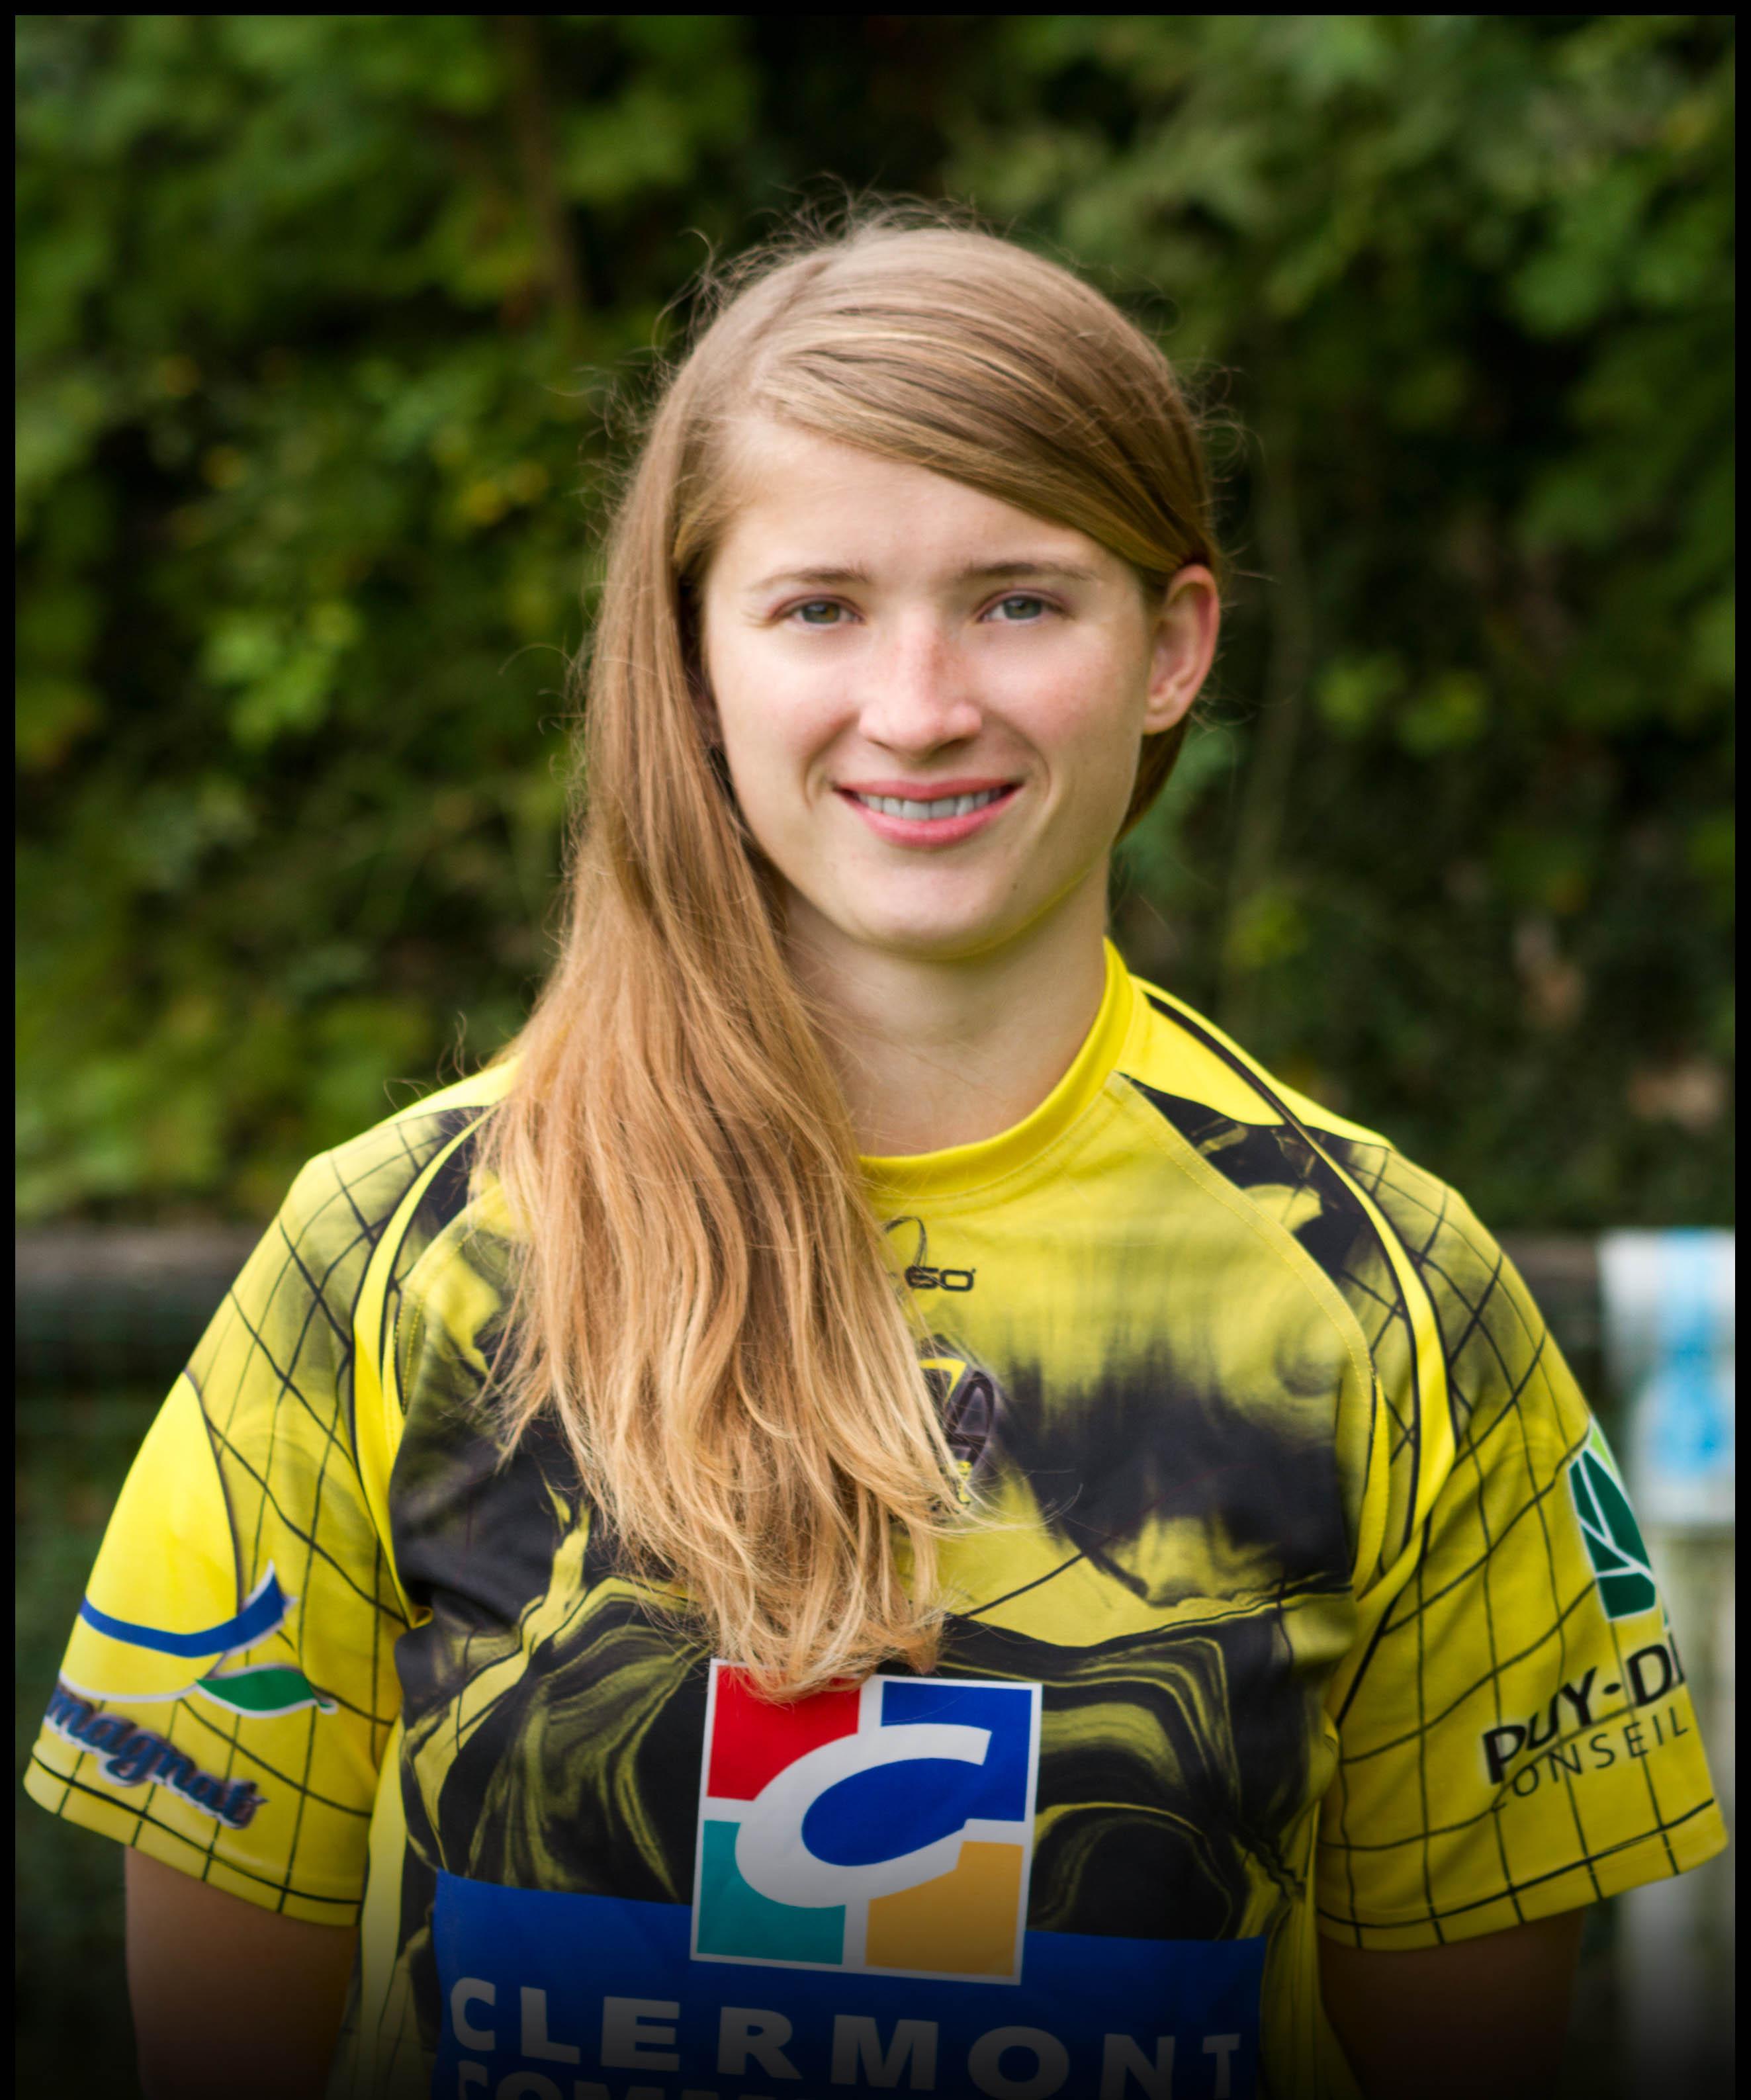 Delphine Lacassagne